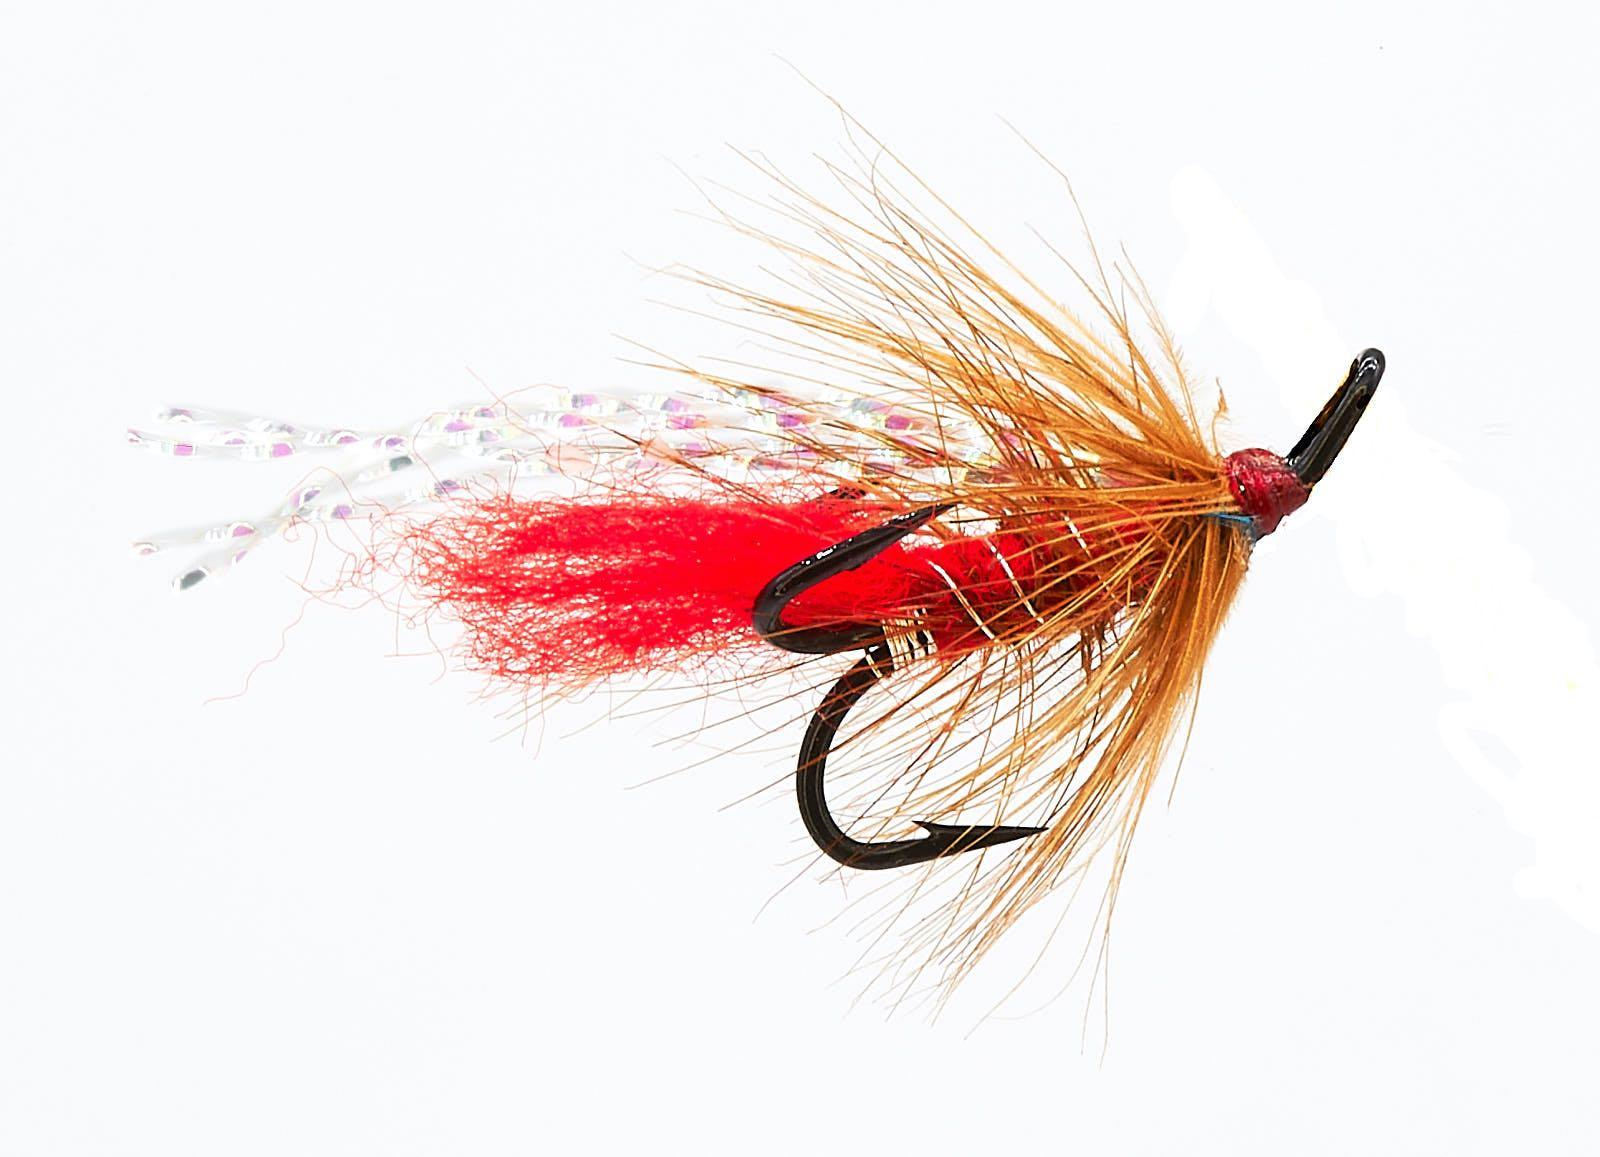 Treble Hook fly